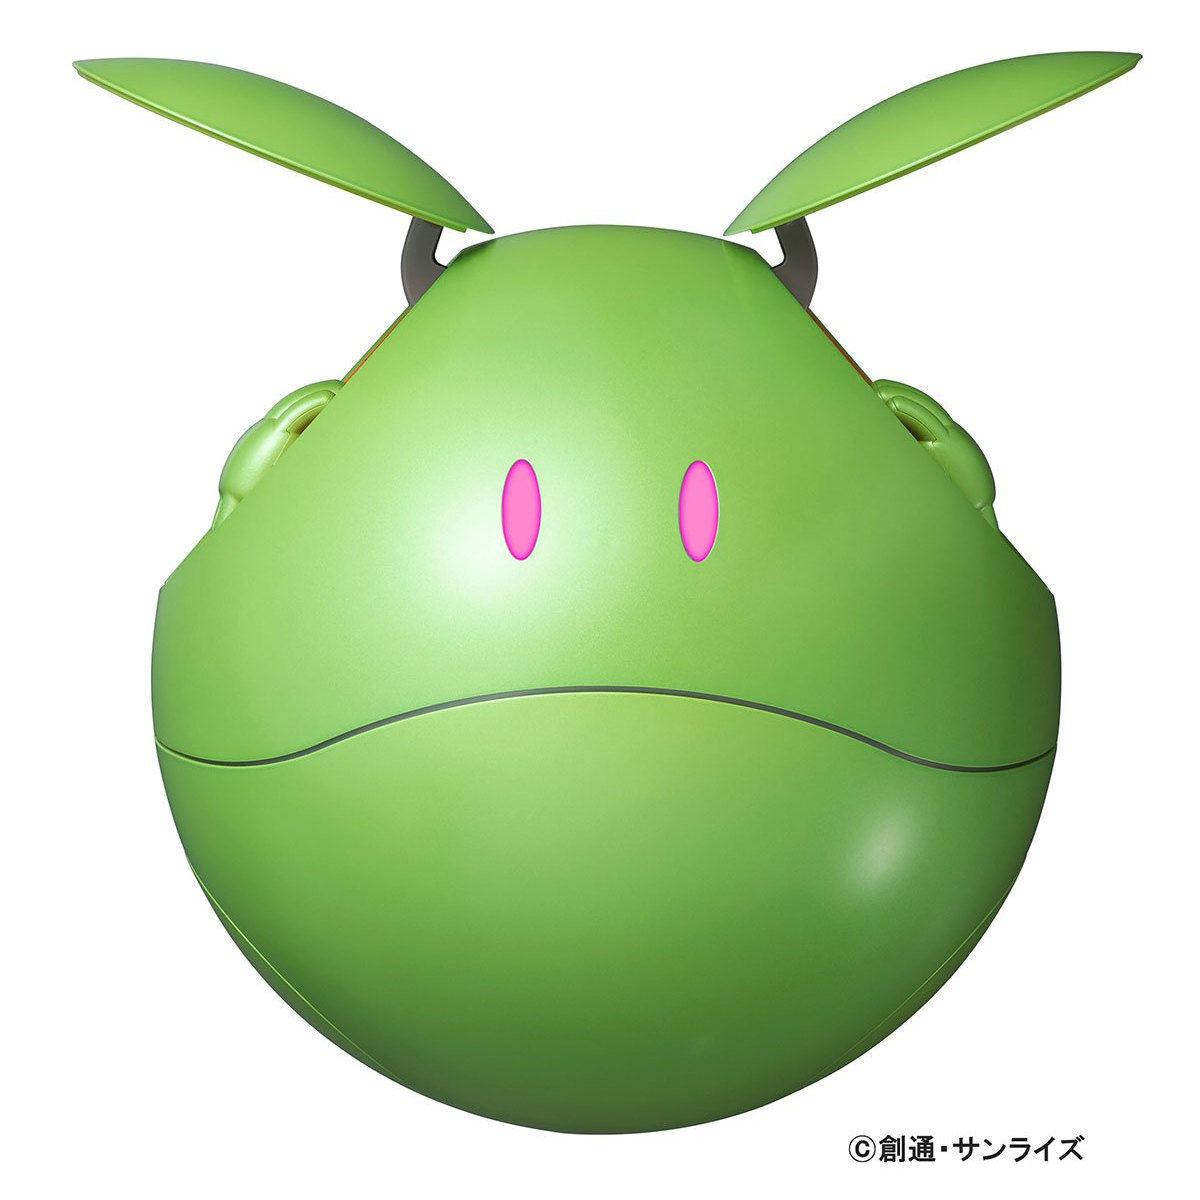 機動戦士ガンダム『ガンシェルジュ ハロ』コミュニケーションロボット-009